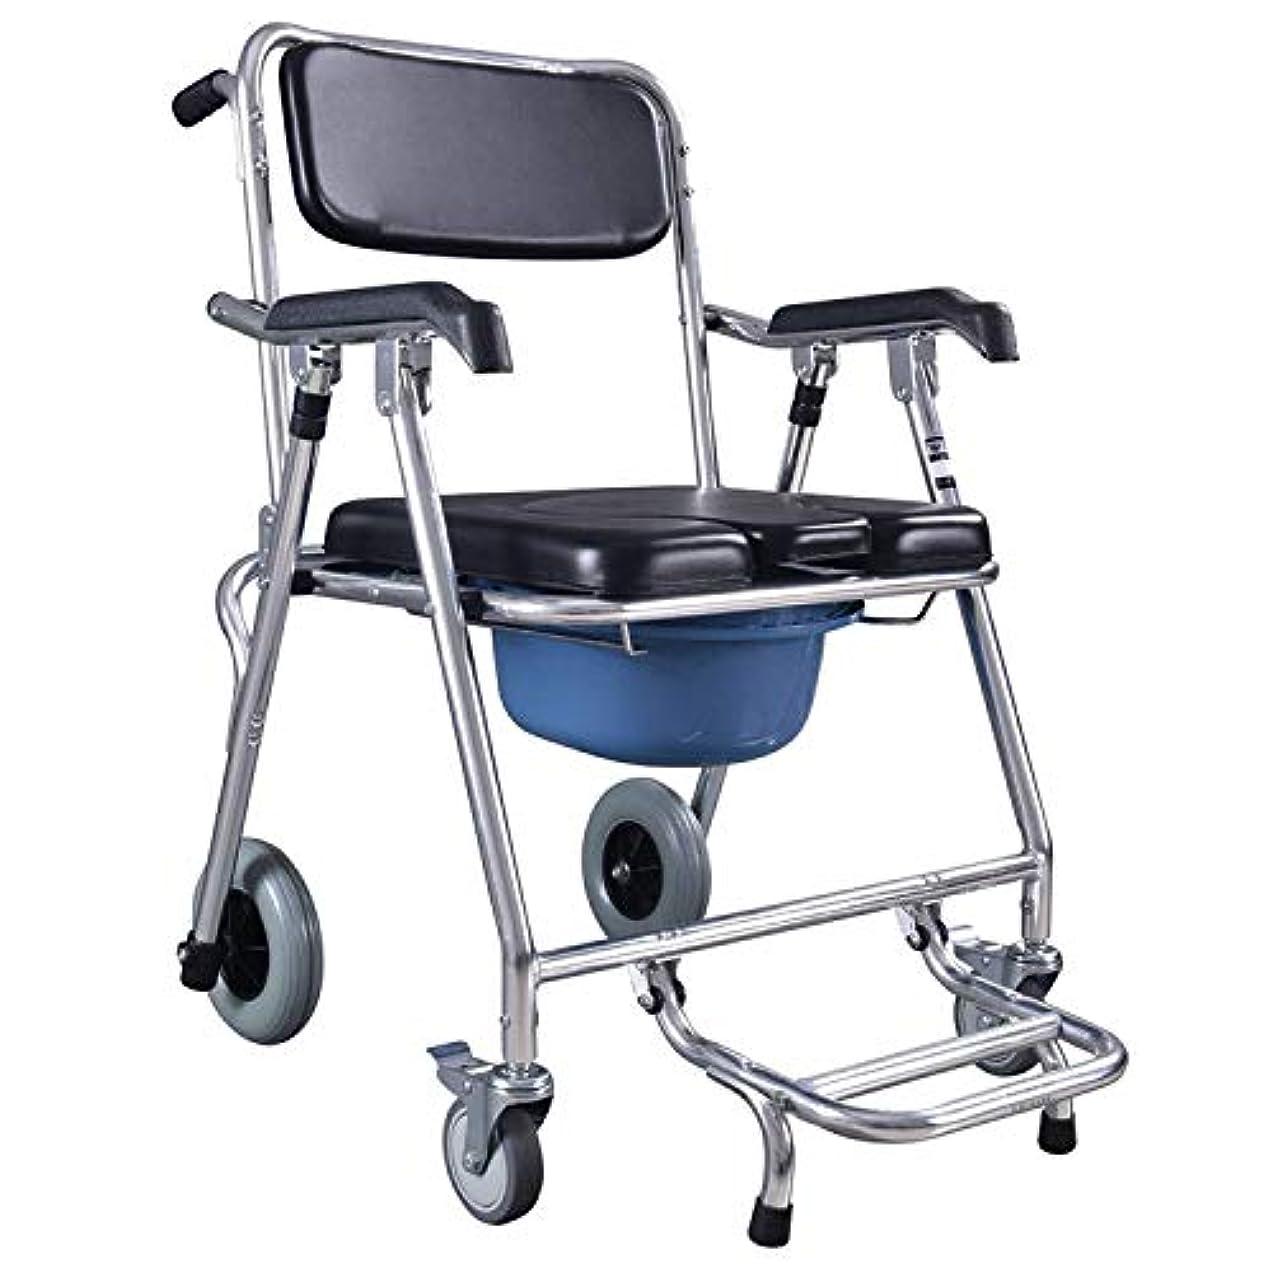 適格類人猿好奇心老人車輪付き便器/トイレ椅子、パッド入りシートと背もたれ車椅子バスチェア付きブレーキ付きトイレシャワーチェア